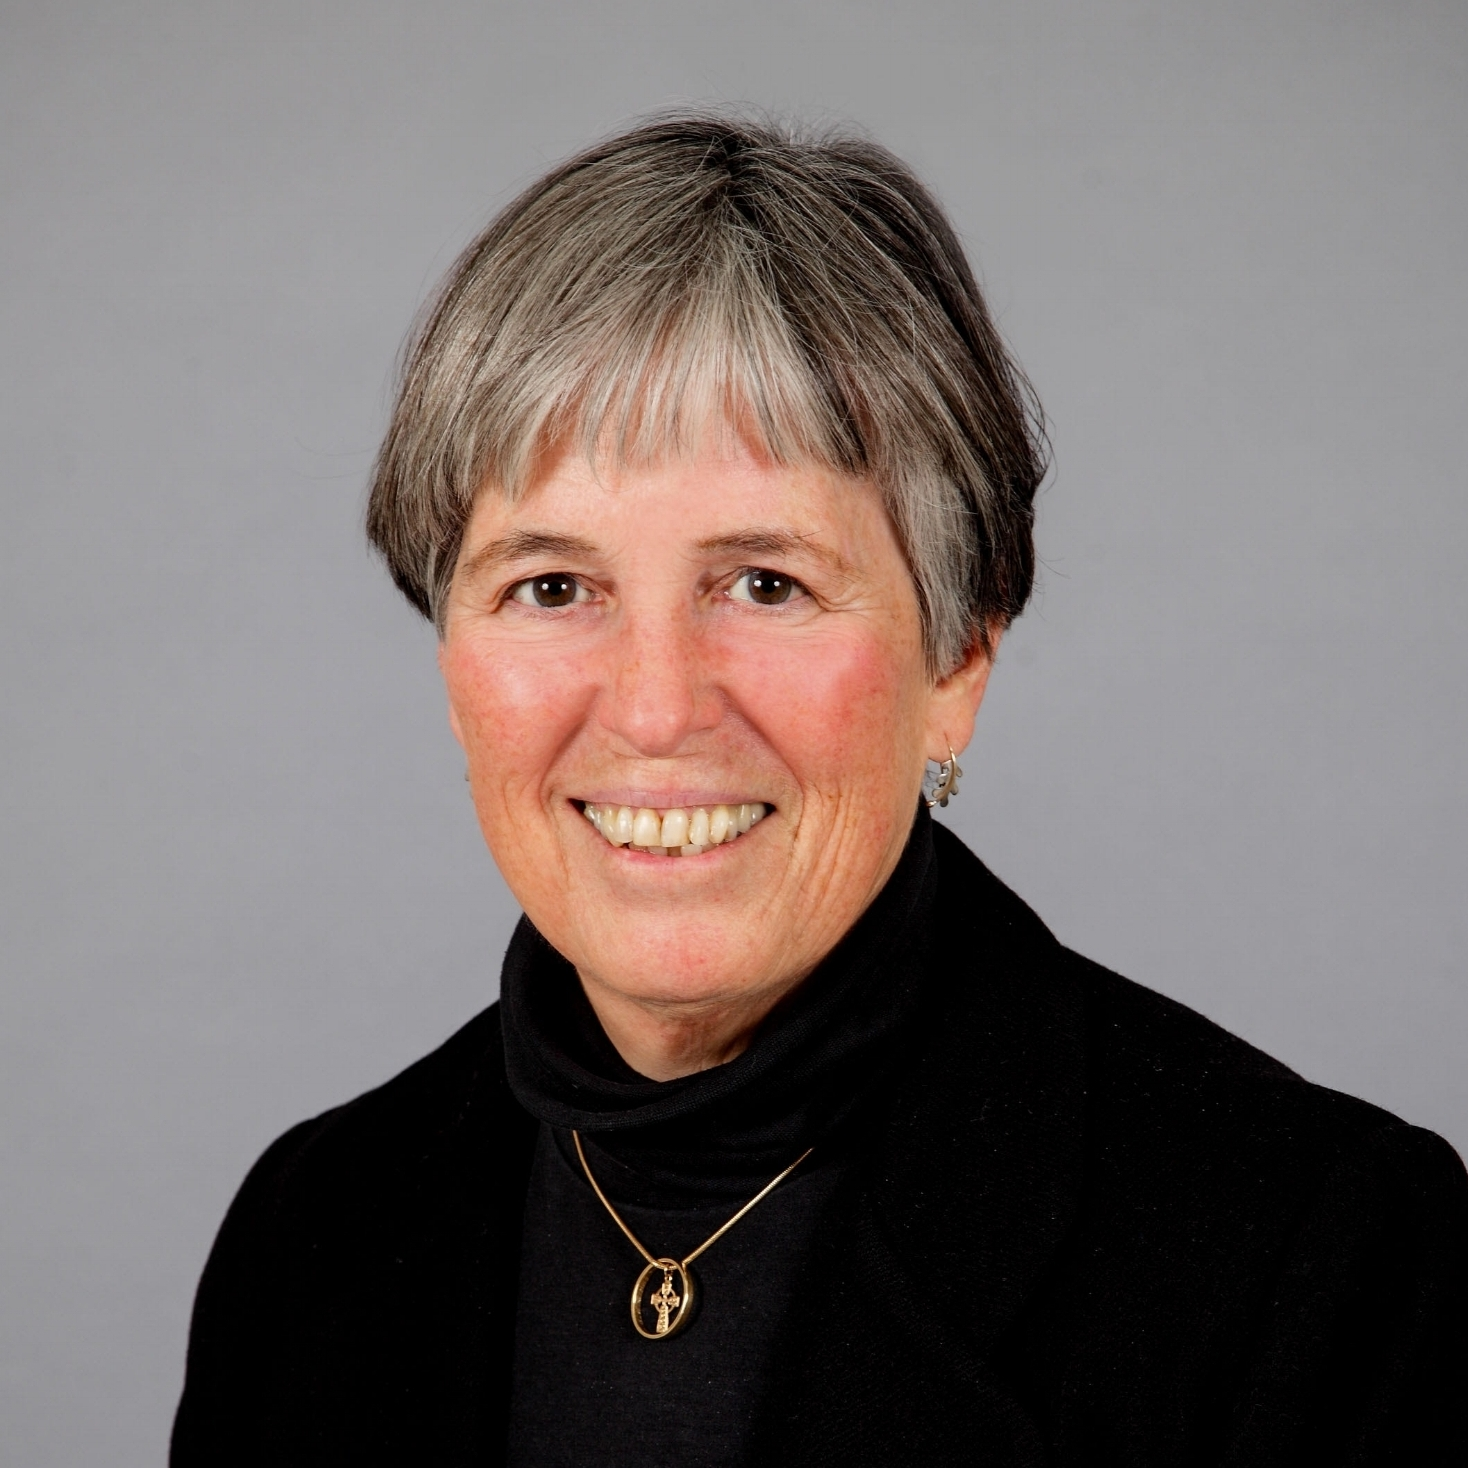 Betsey Rice, Senior Warden